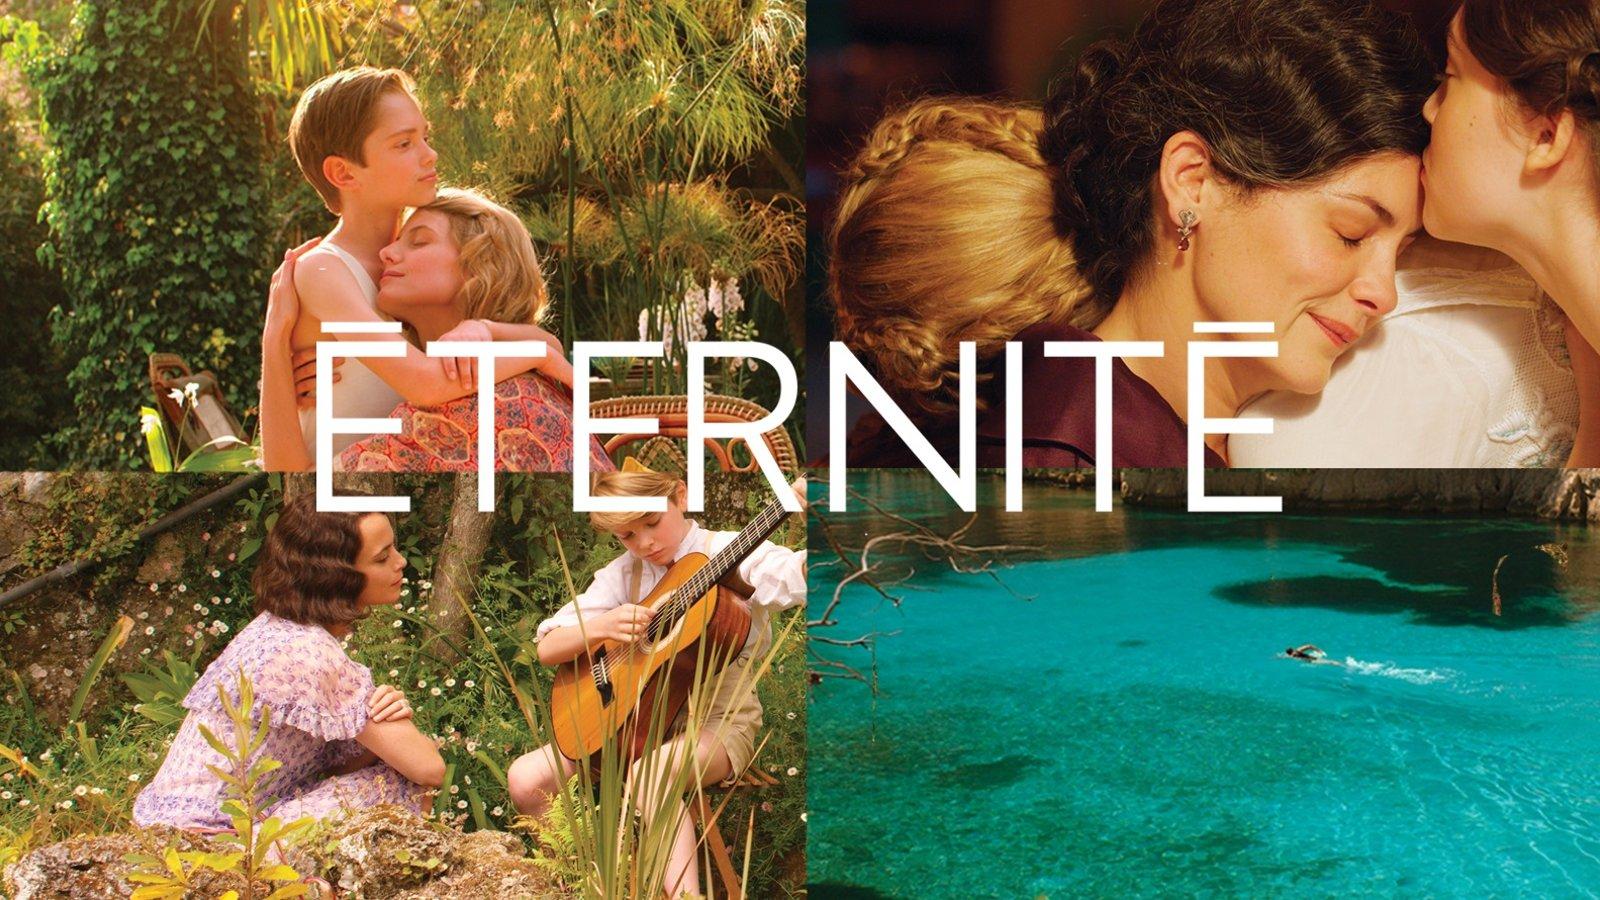 Eternity - Éternité